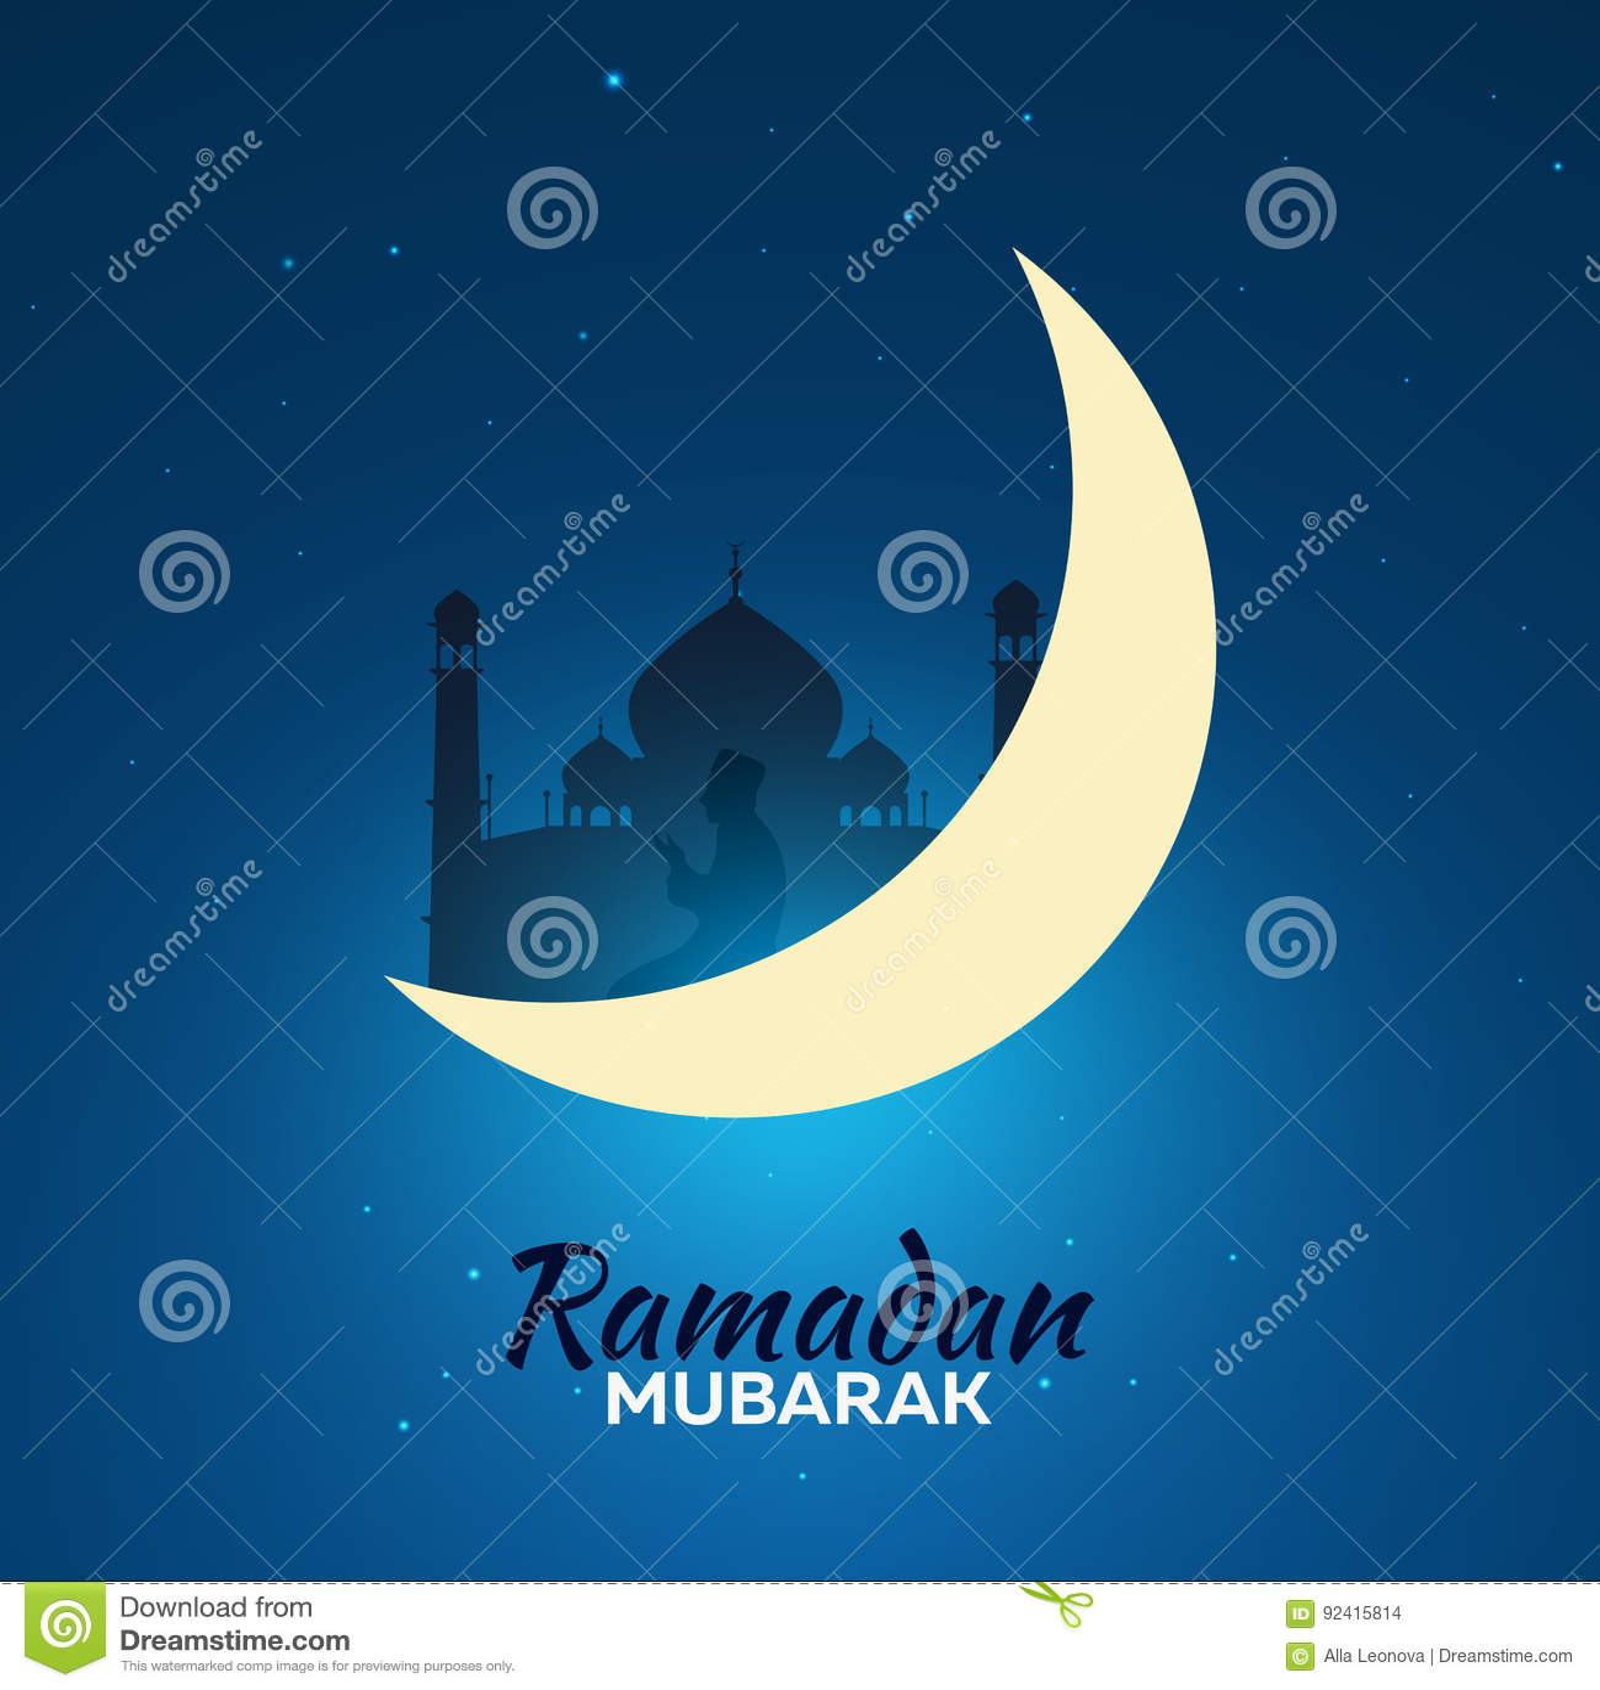 Ramadan Kareem Ramadan Mubarak Greeting Card Arabian Night With